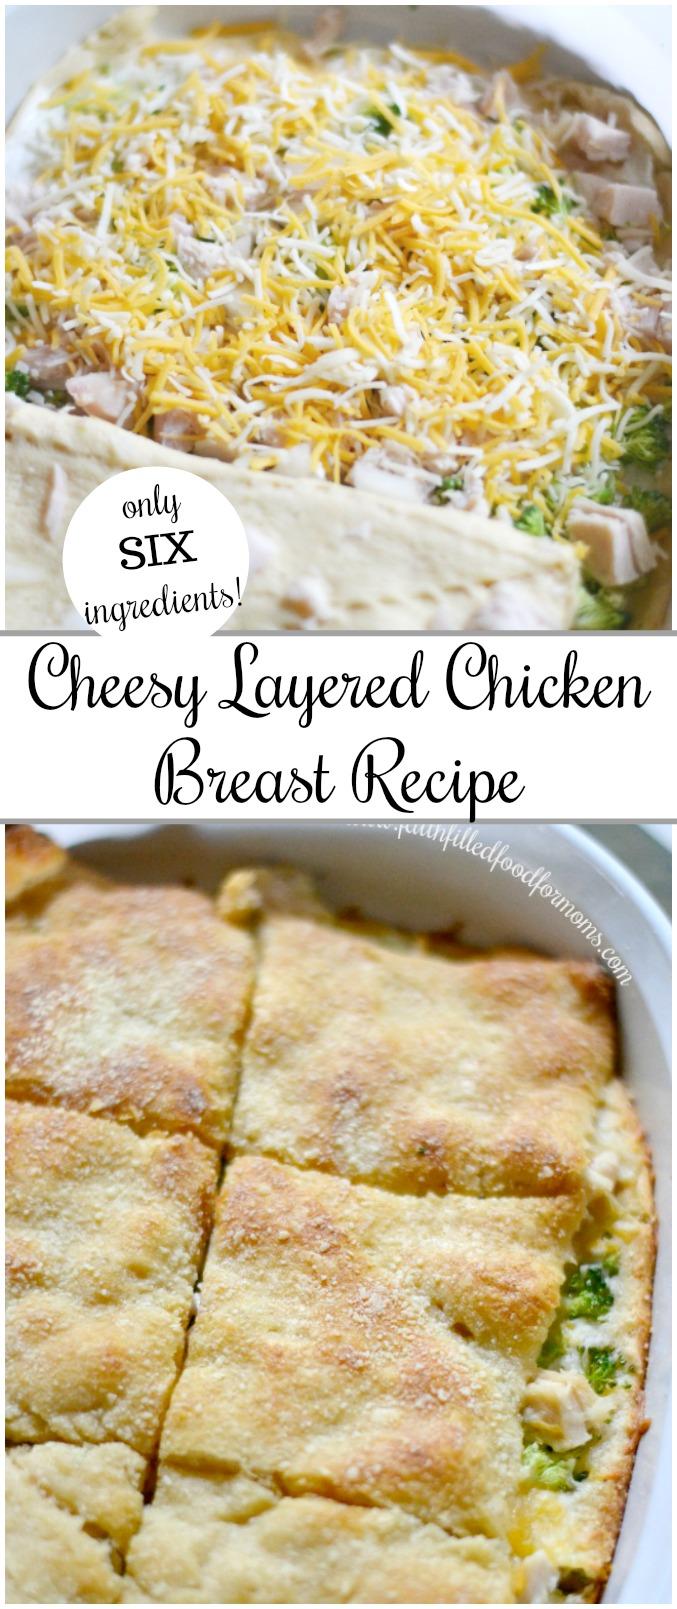 Super Easy Cheesy Layered Chicken Breast Recipe.